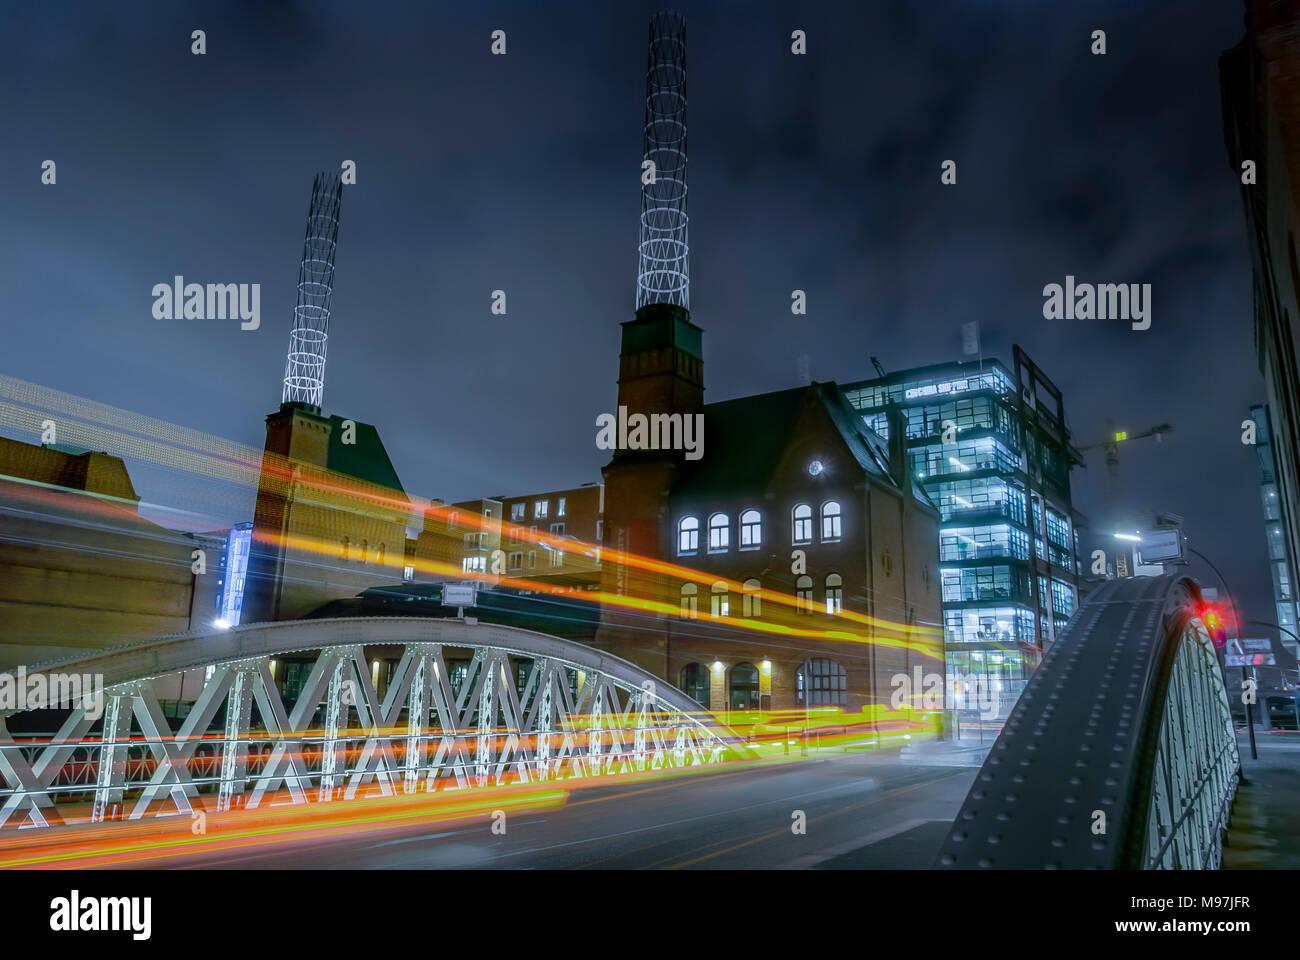 Deutschland, Hamburg, Speicherstadt, Sandbrücke, Kesselhaus - Stock Image